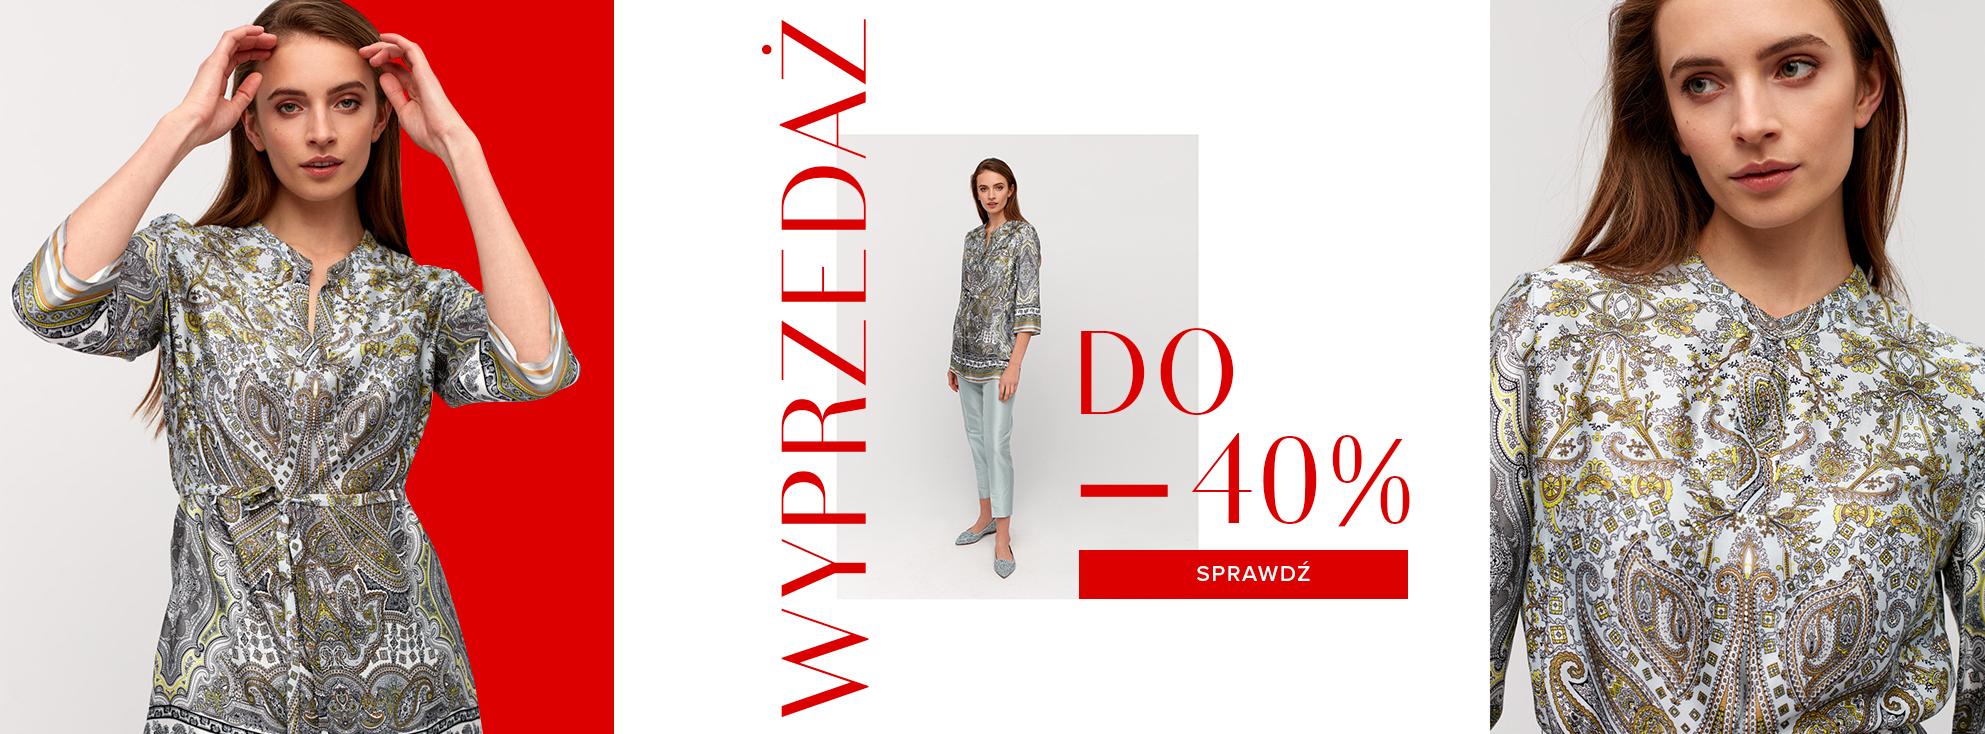 Patrizia Aryton: wyprzedaż do 40% zniżki na odzież damską